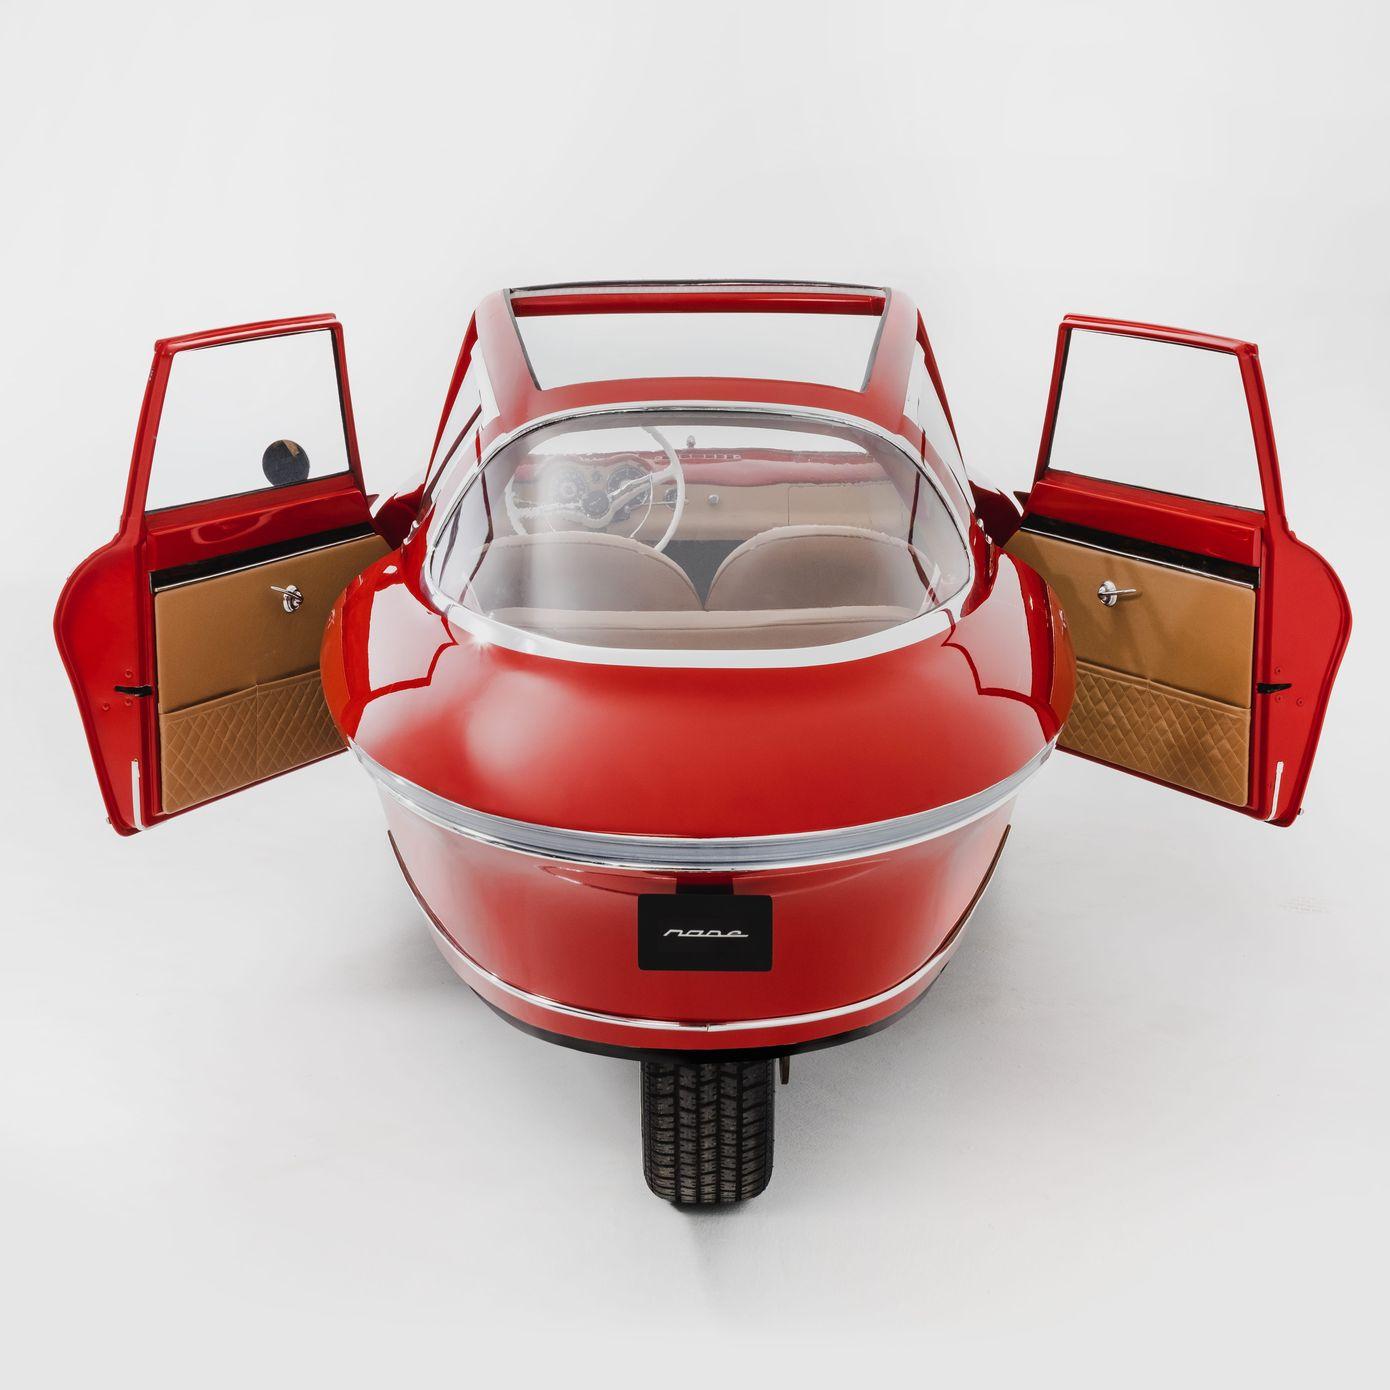 Nobe 100: Dreirädriges Retro-Elektroauto parkt senkrecht an der Wand -